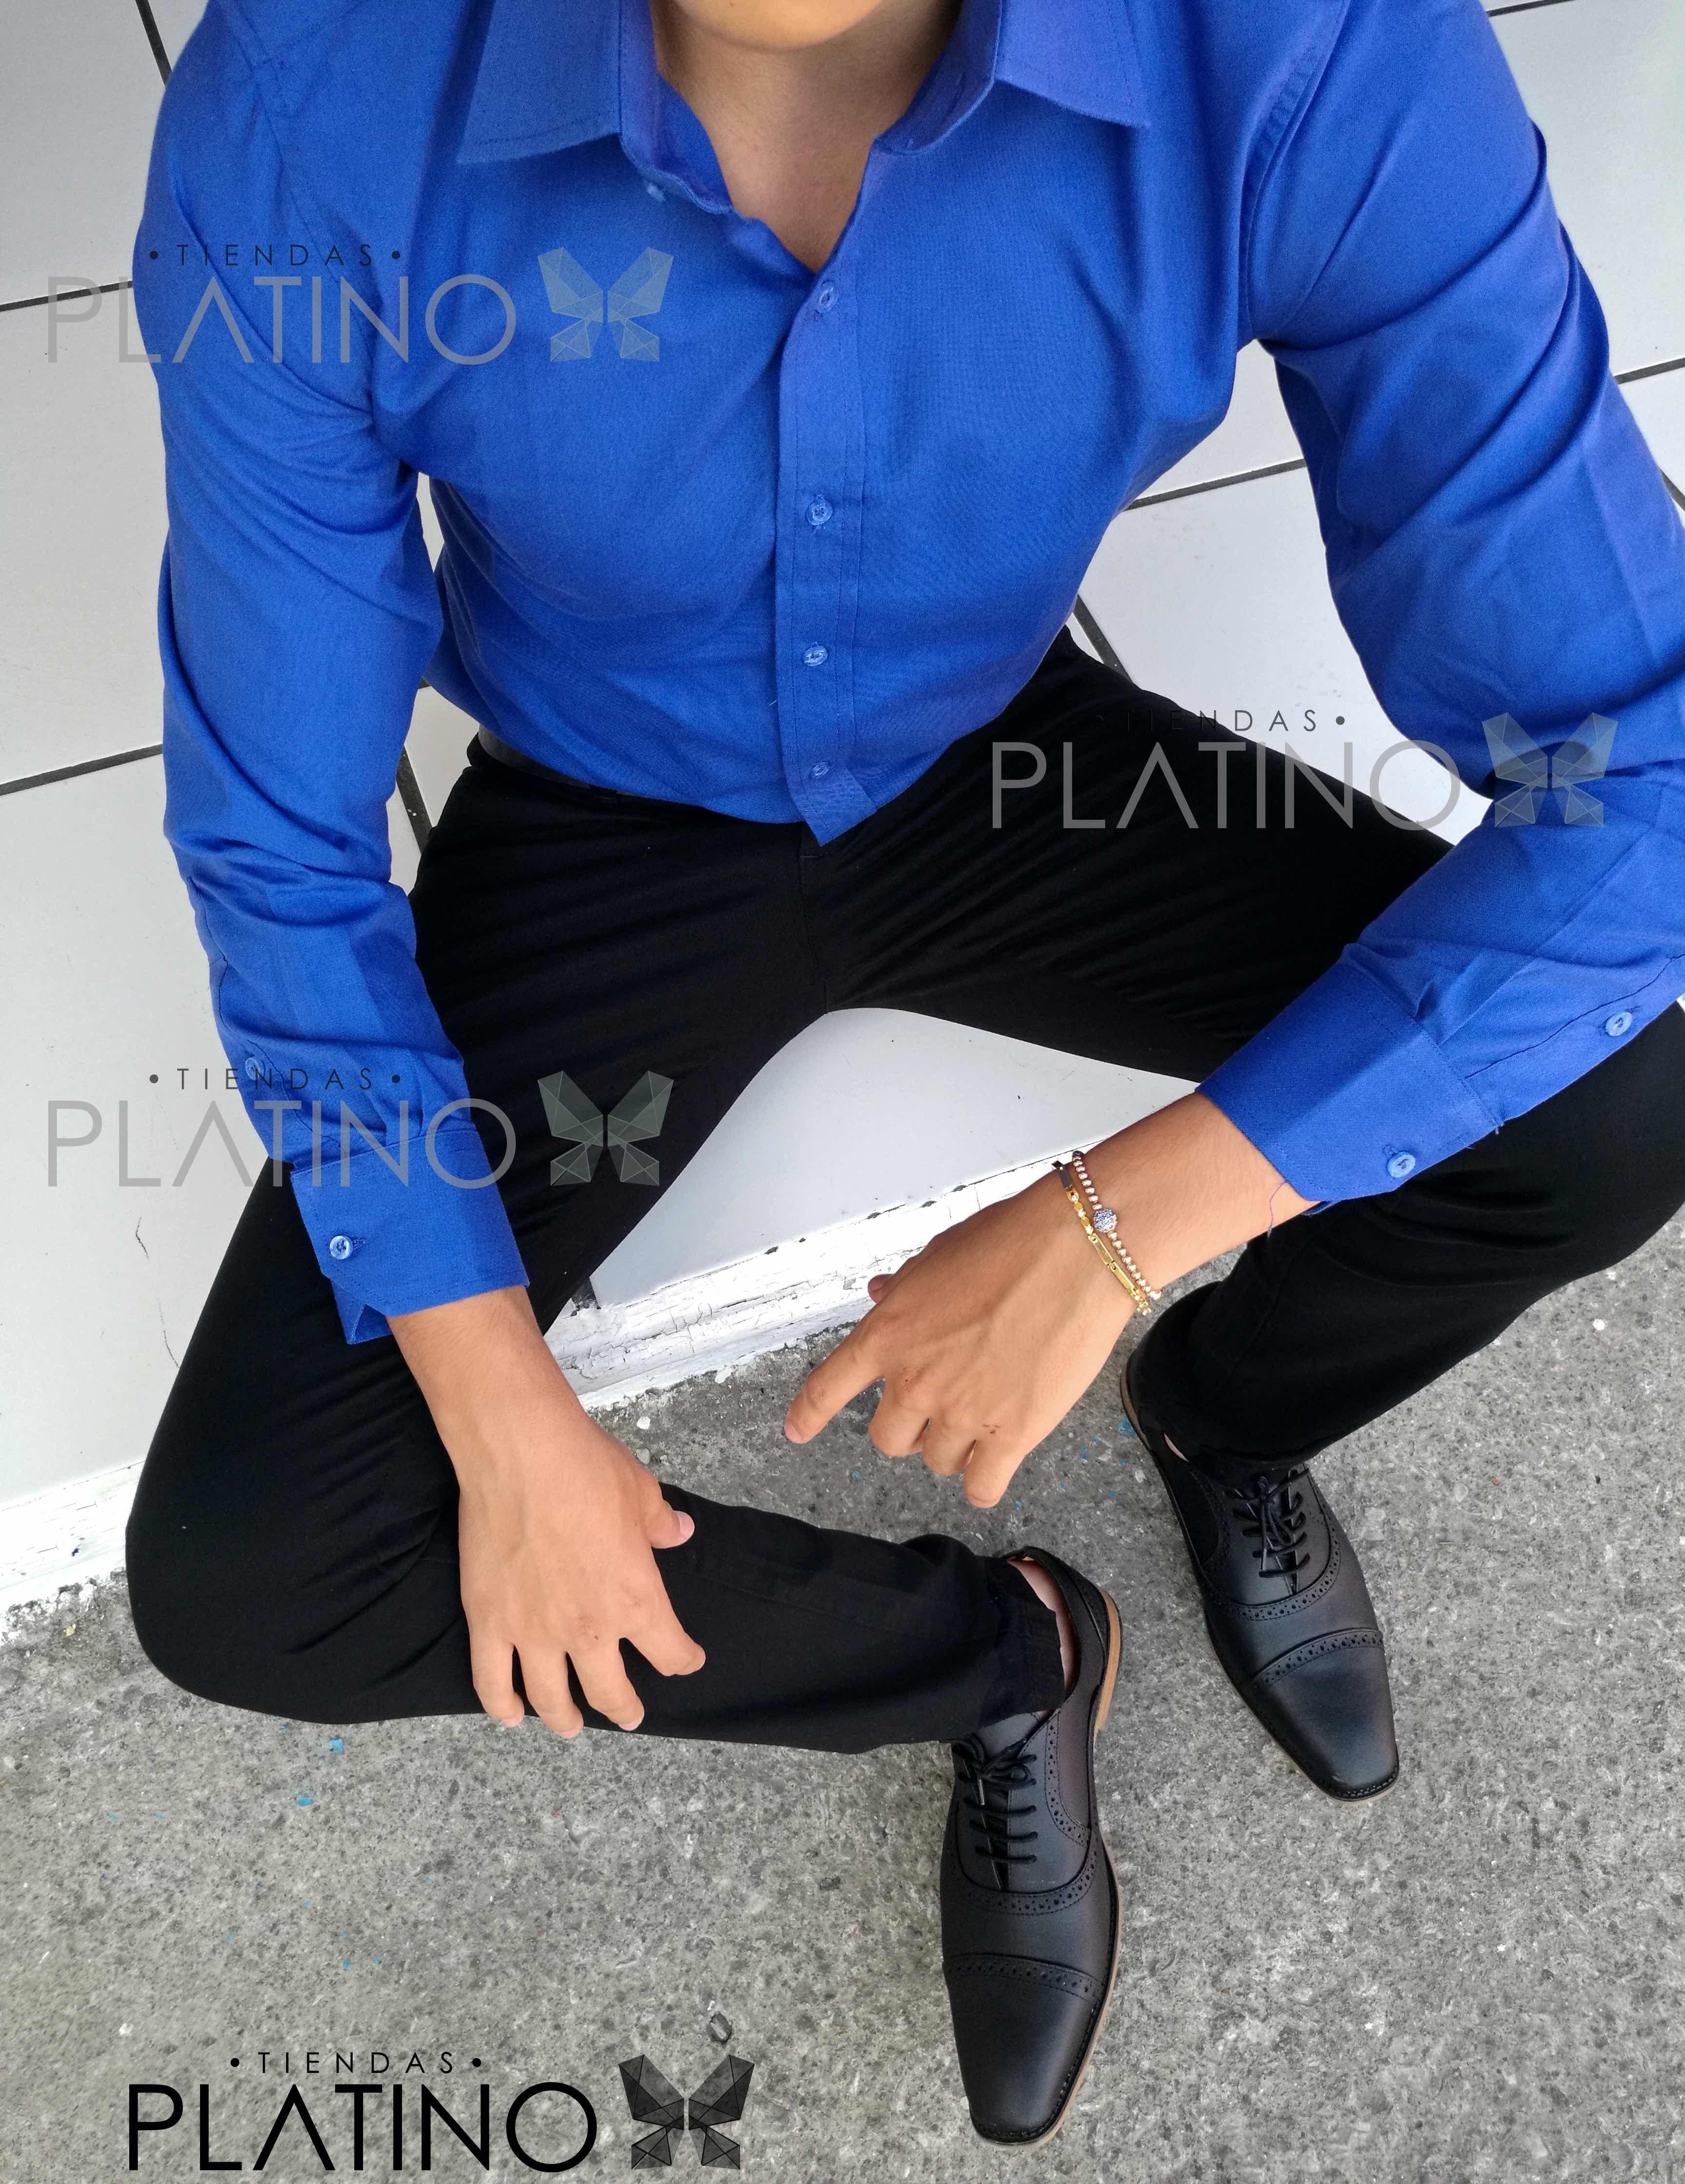 """Camisa formal francia lisa y pantalon de gabardina negro, calzado boston negro en piel genuina. Artículos hechos en México por la marca """"Moon & Rain"""" y de venta exclusiva en """"Tiendas Platino"""" #TiendasPlatino #Moda #Hombre #Camisa #Pantalón #Calzado #Mocasín #Outfit #Mens #Fashion #Dapper #Ropa #México #Looks #Style"""